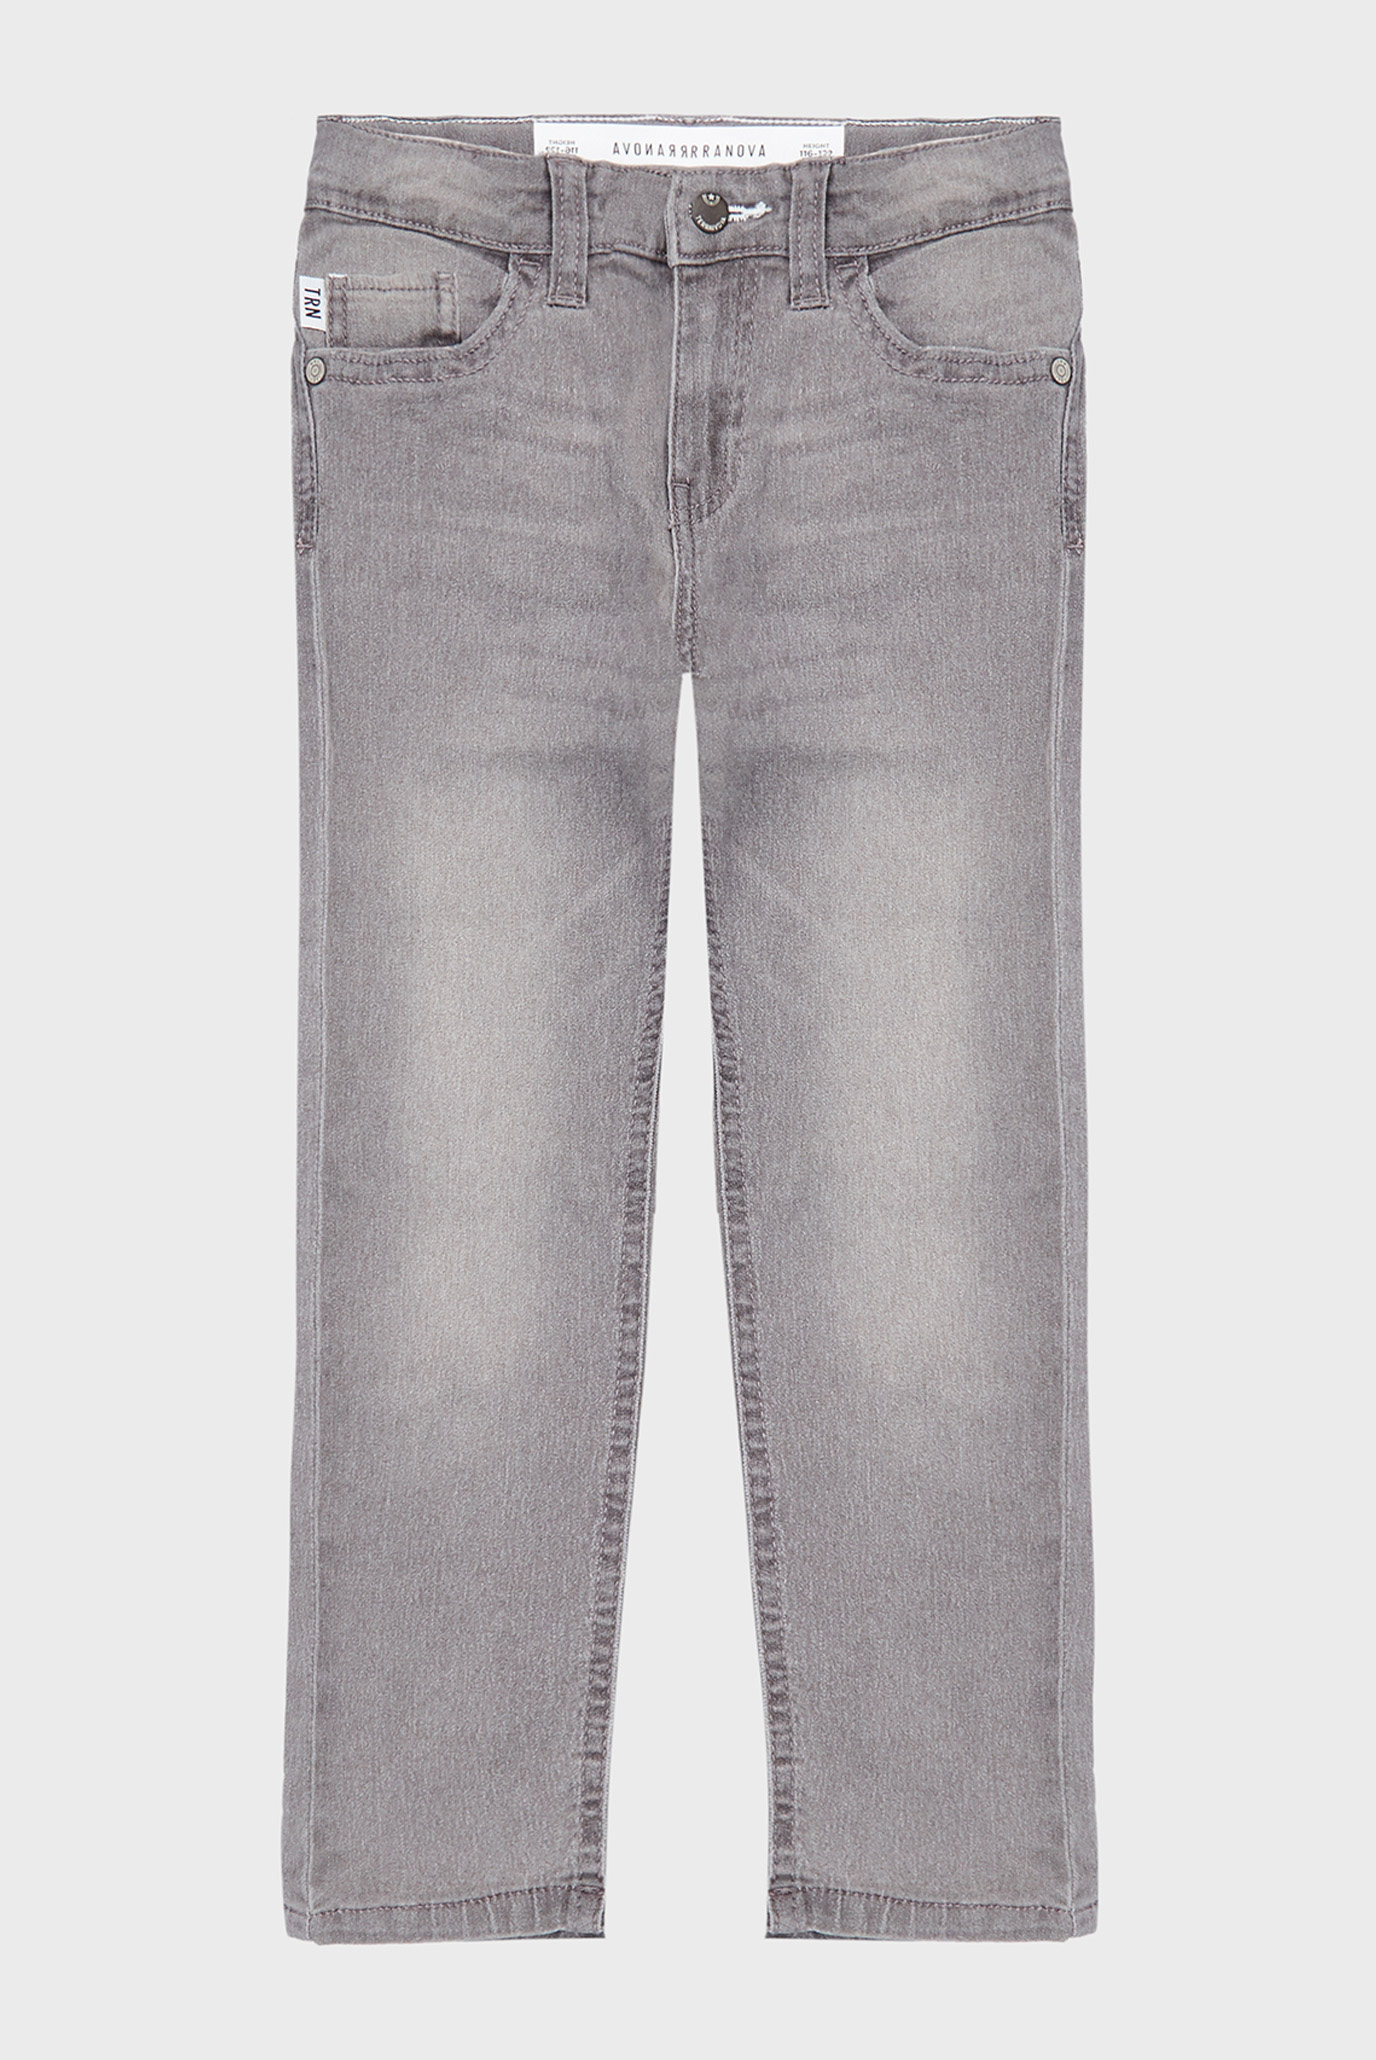 Детские серые джинсы Terranova Kids